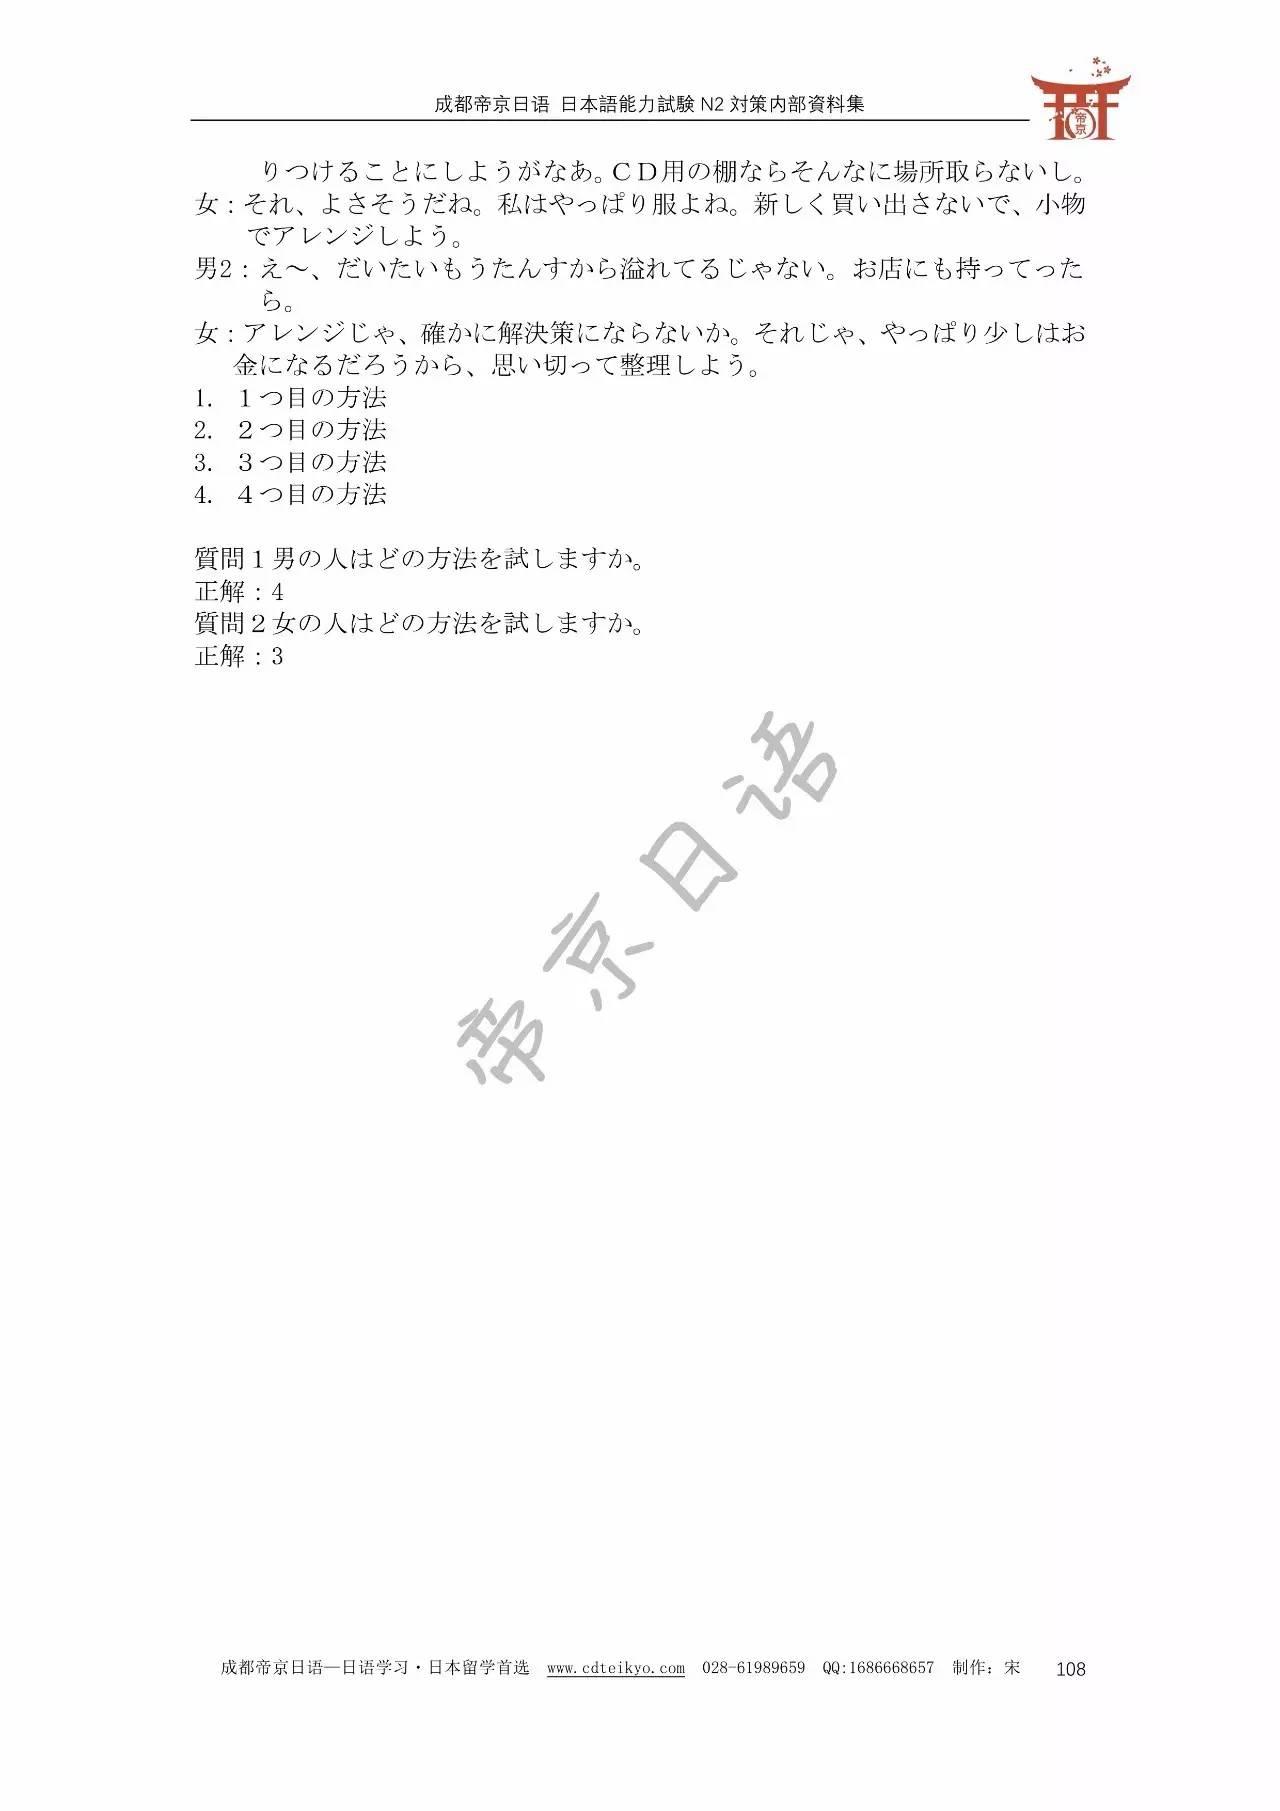 日语专四2013年真题_word文档在线阅读与下载_无忧文档